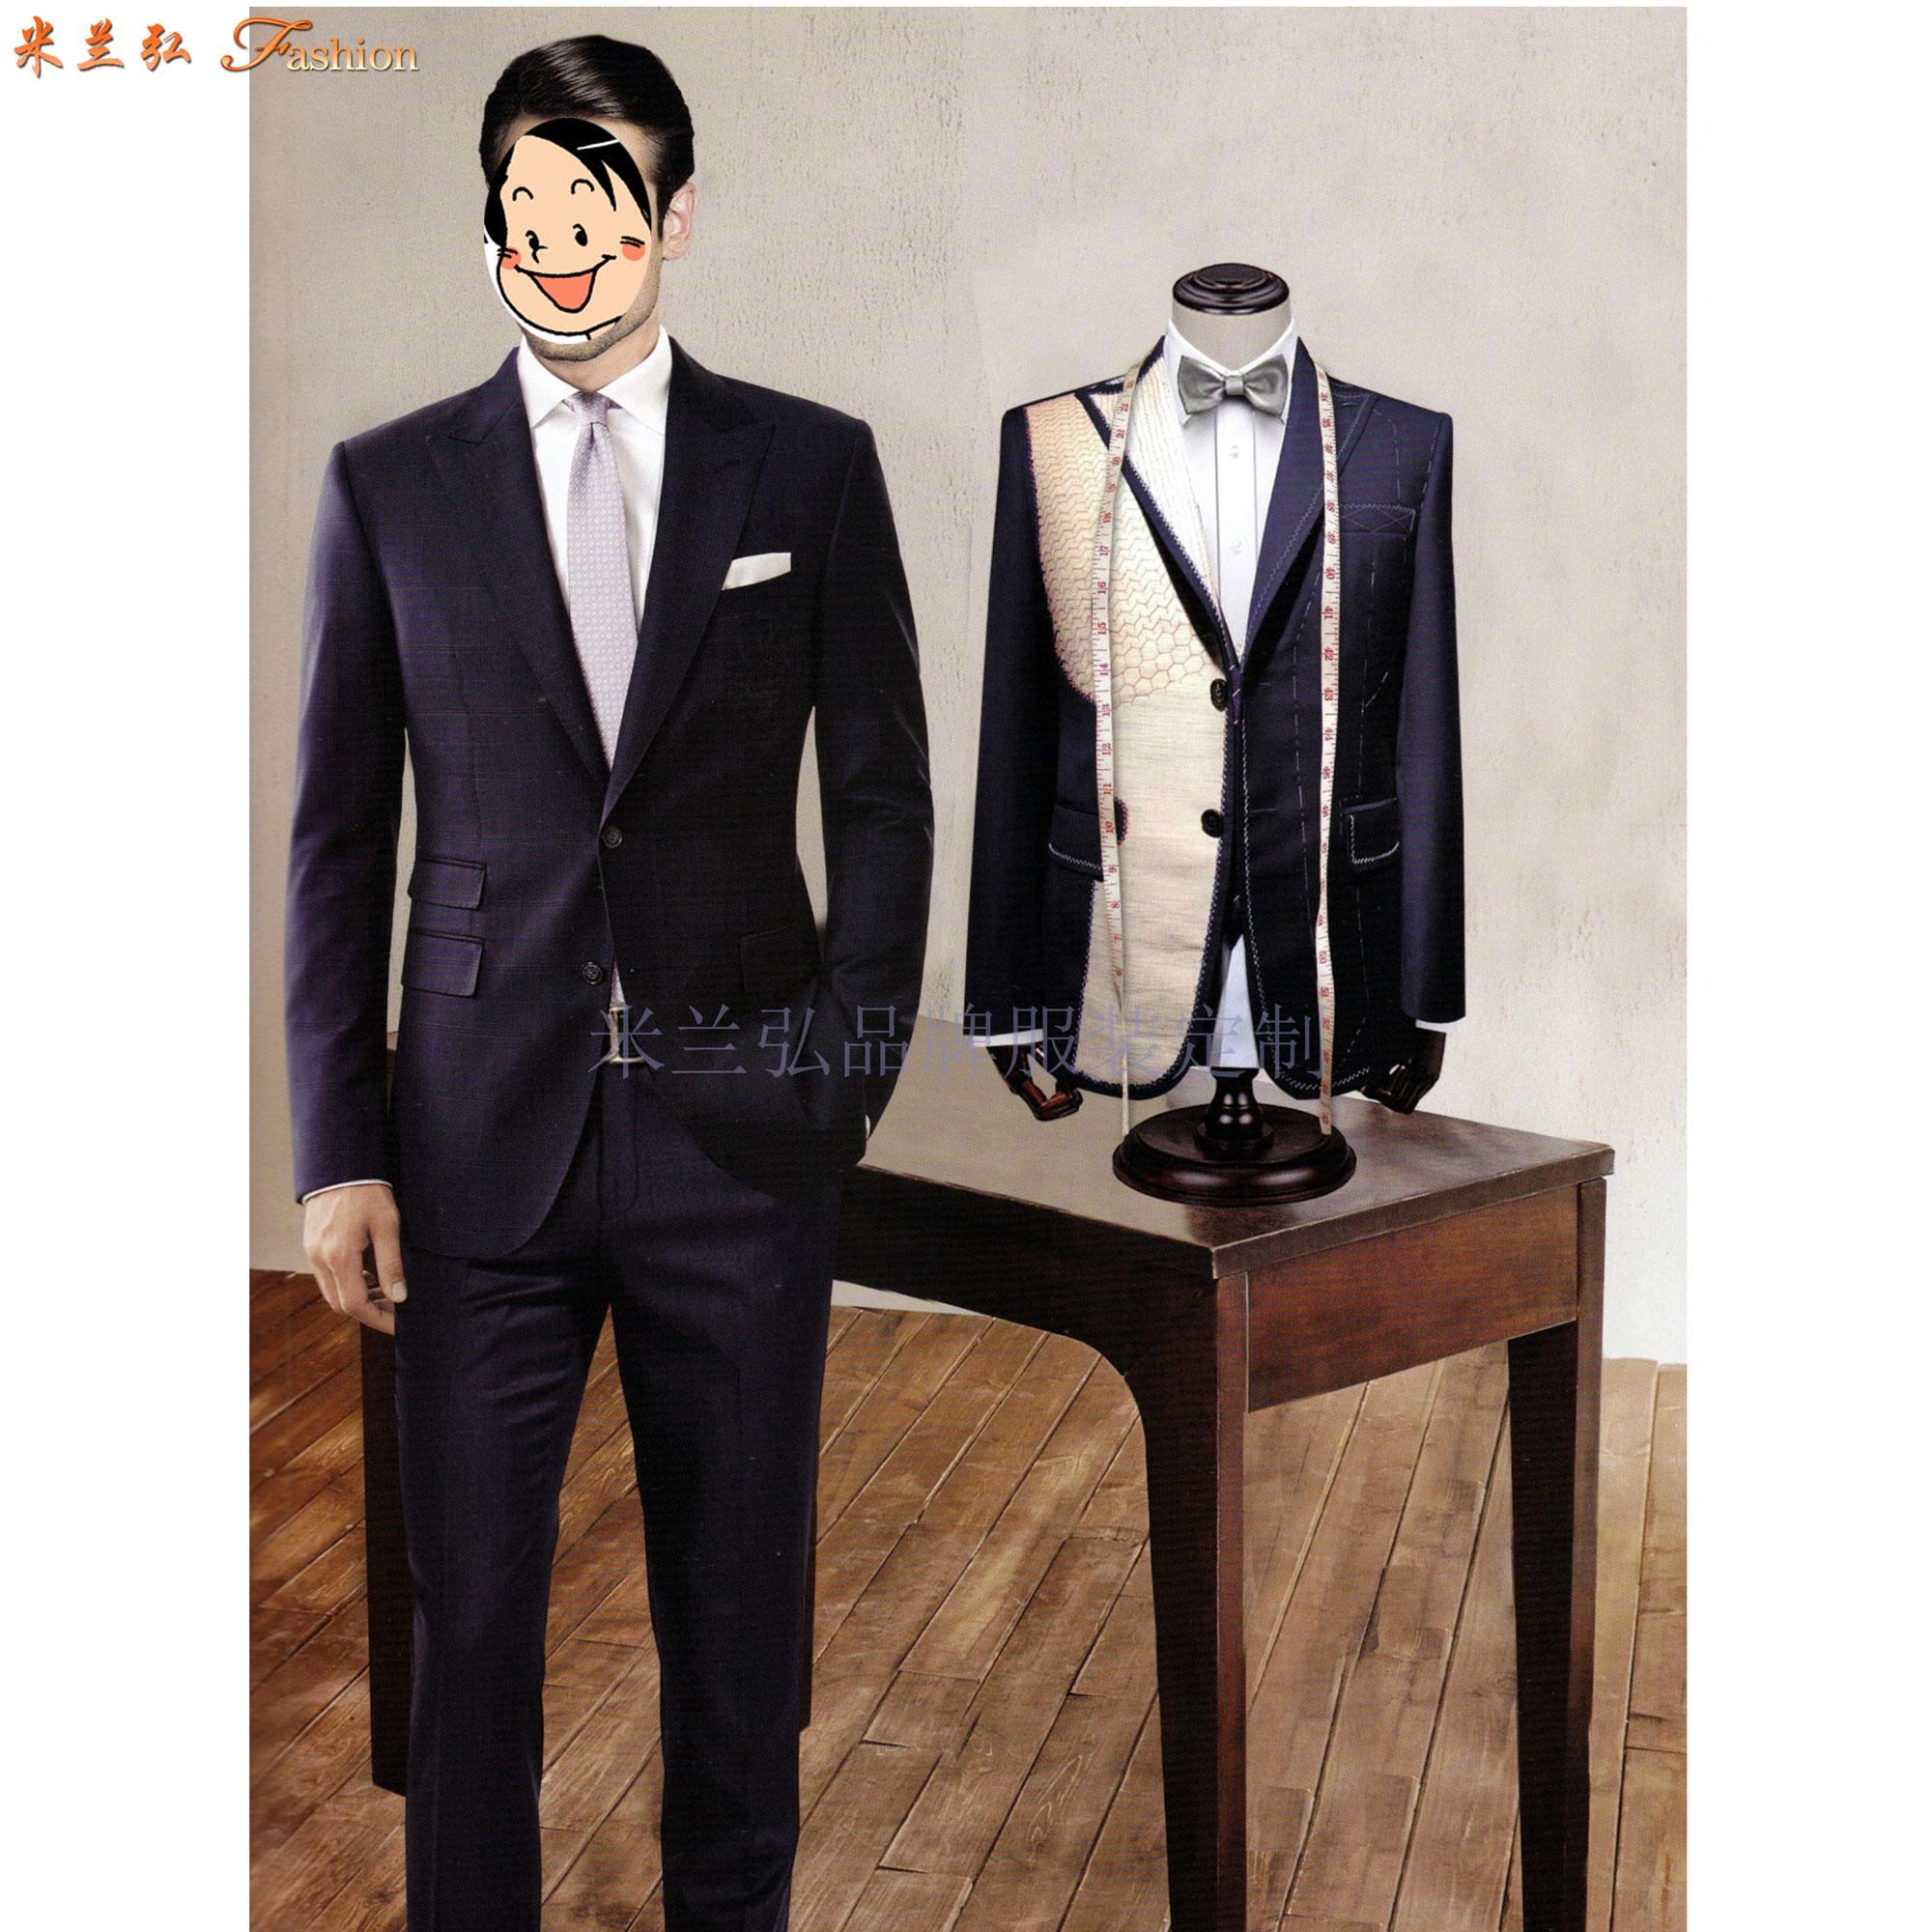 「北京正裝定制」「北京正裝訂做」推薦西裝革履米蘭弘品牌服裝